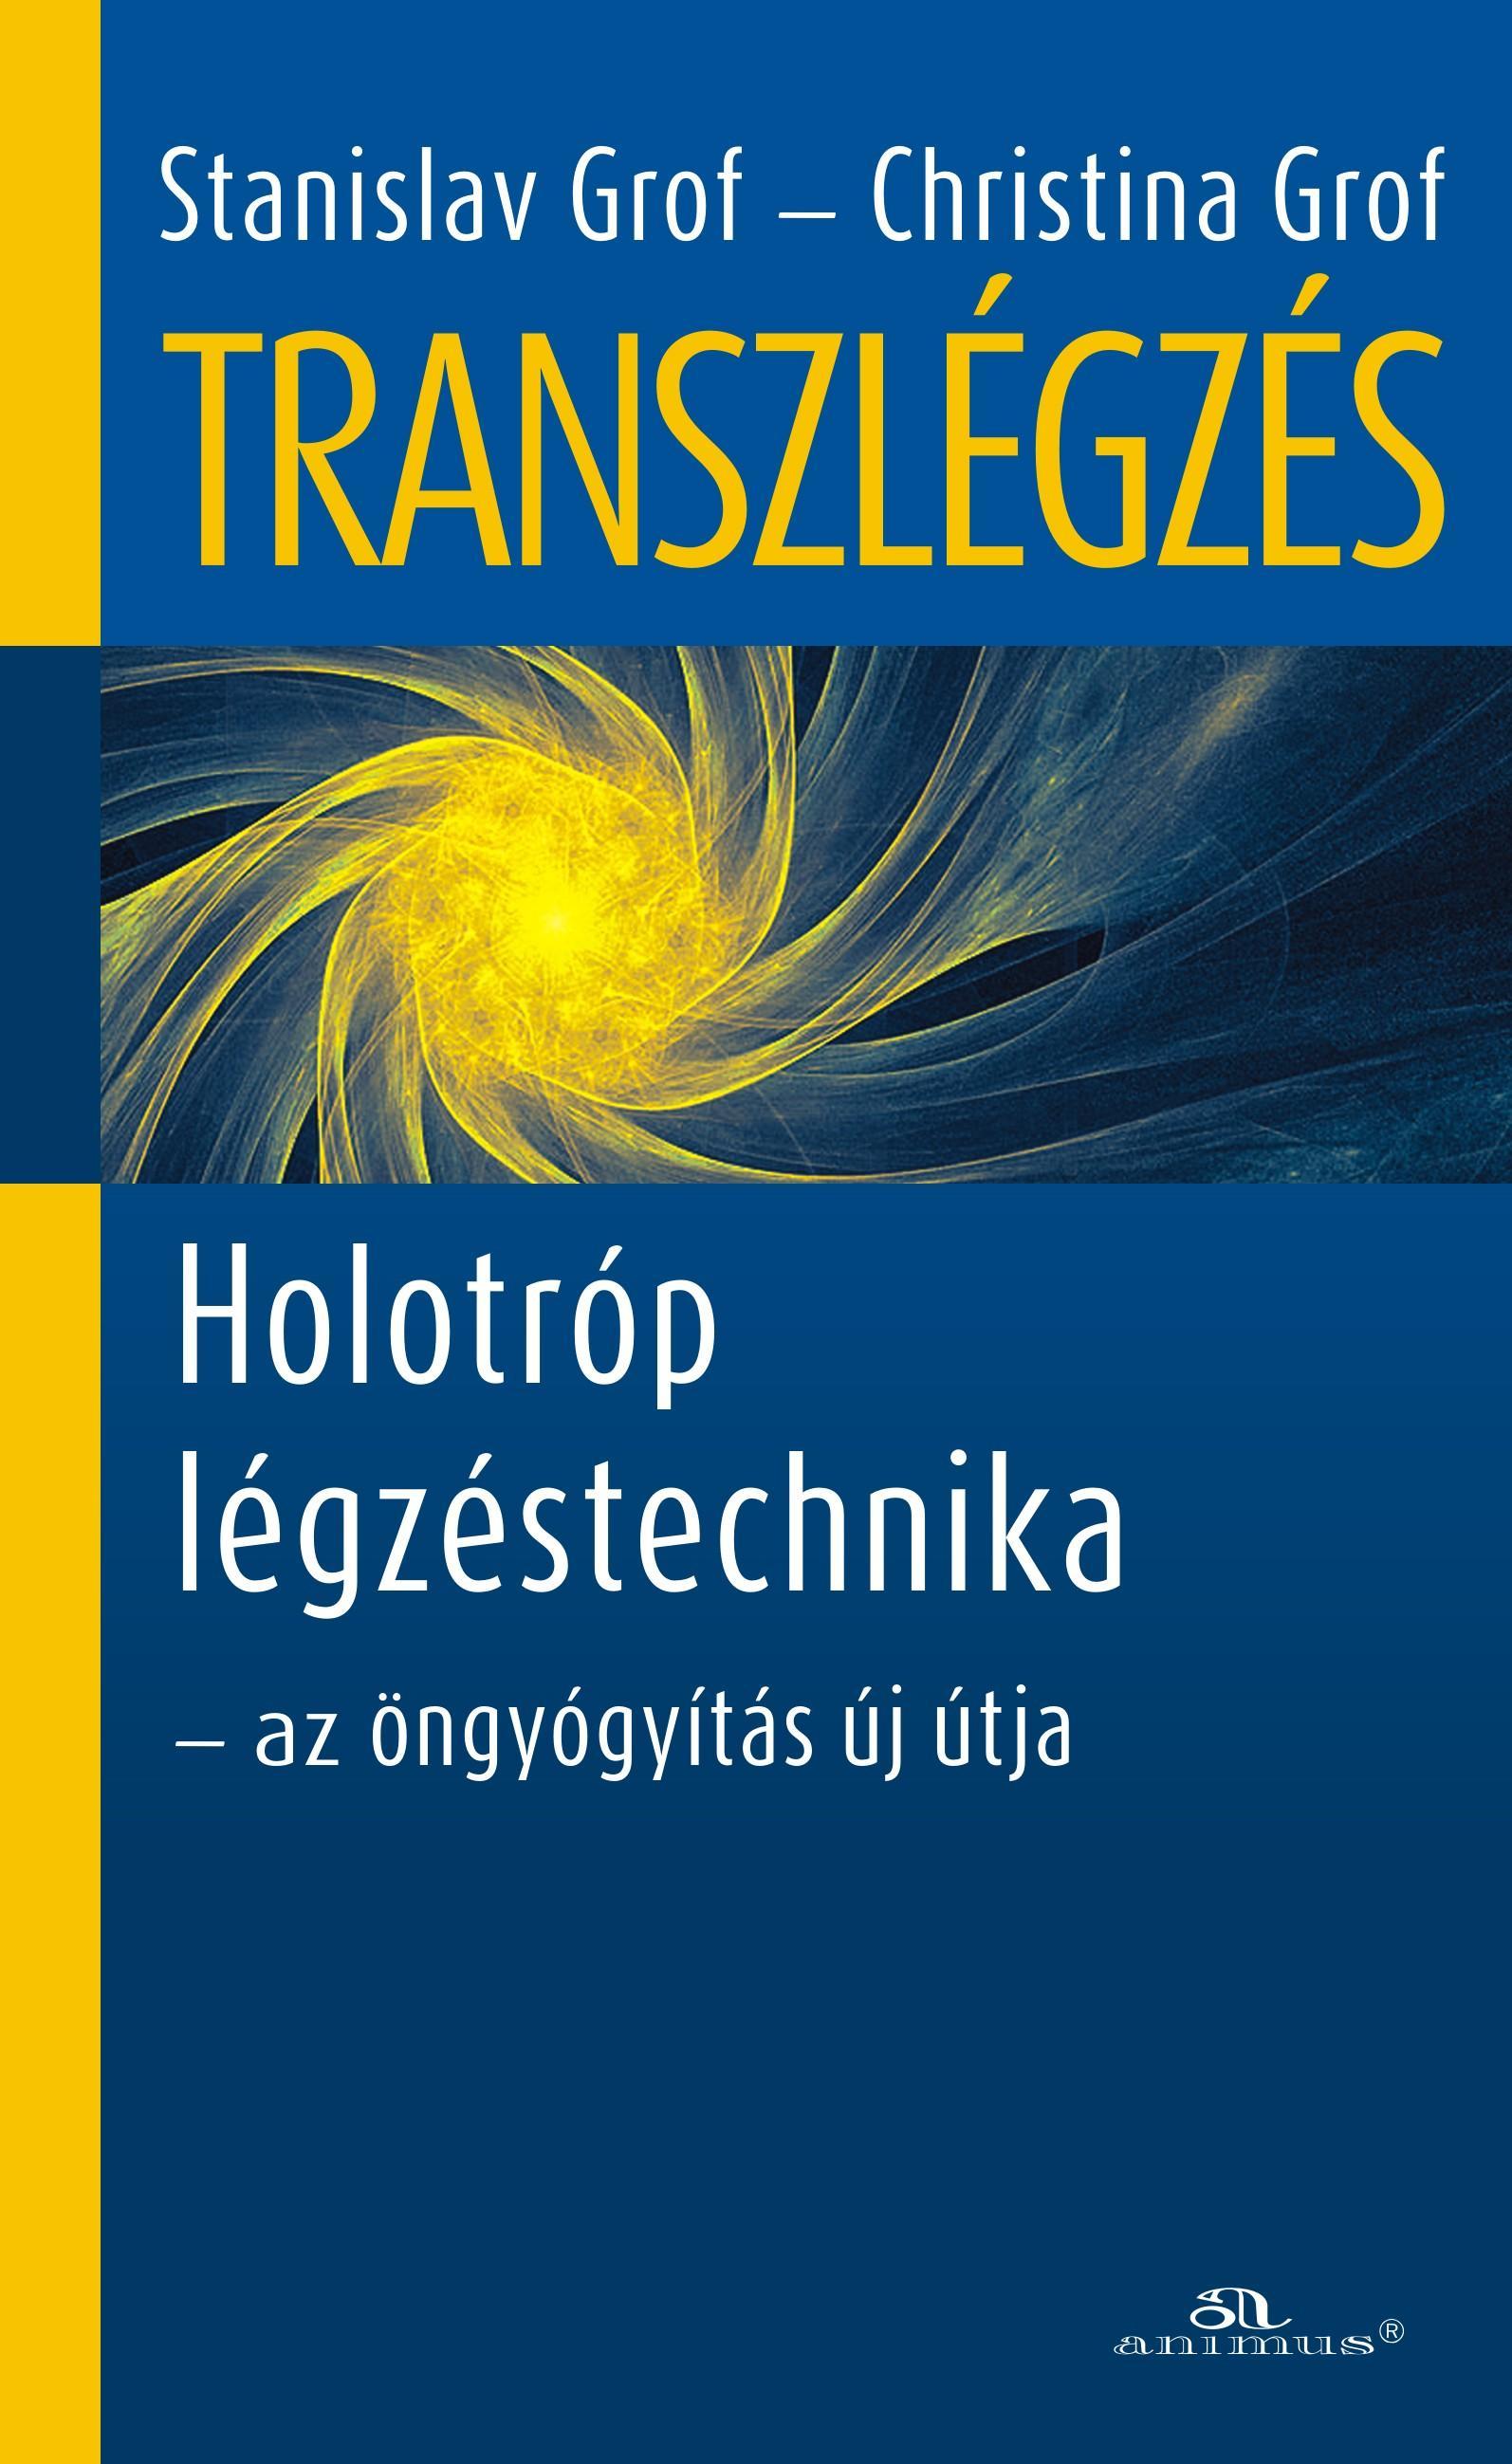 TRANSZLÉGZÉS - HOLOTRÓP LÉGZÉSTECHNIKA